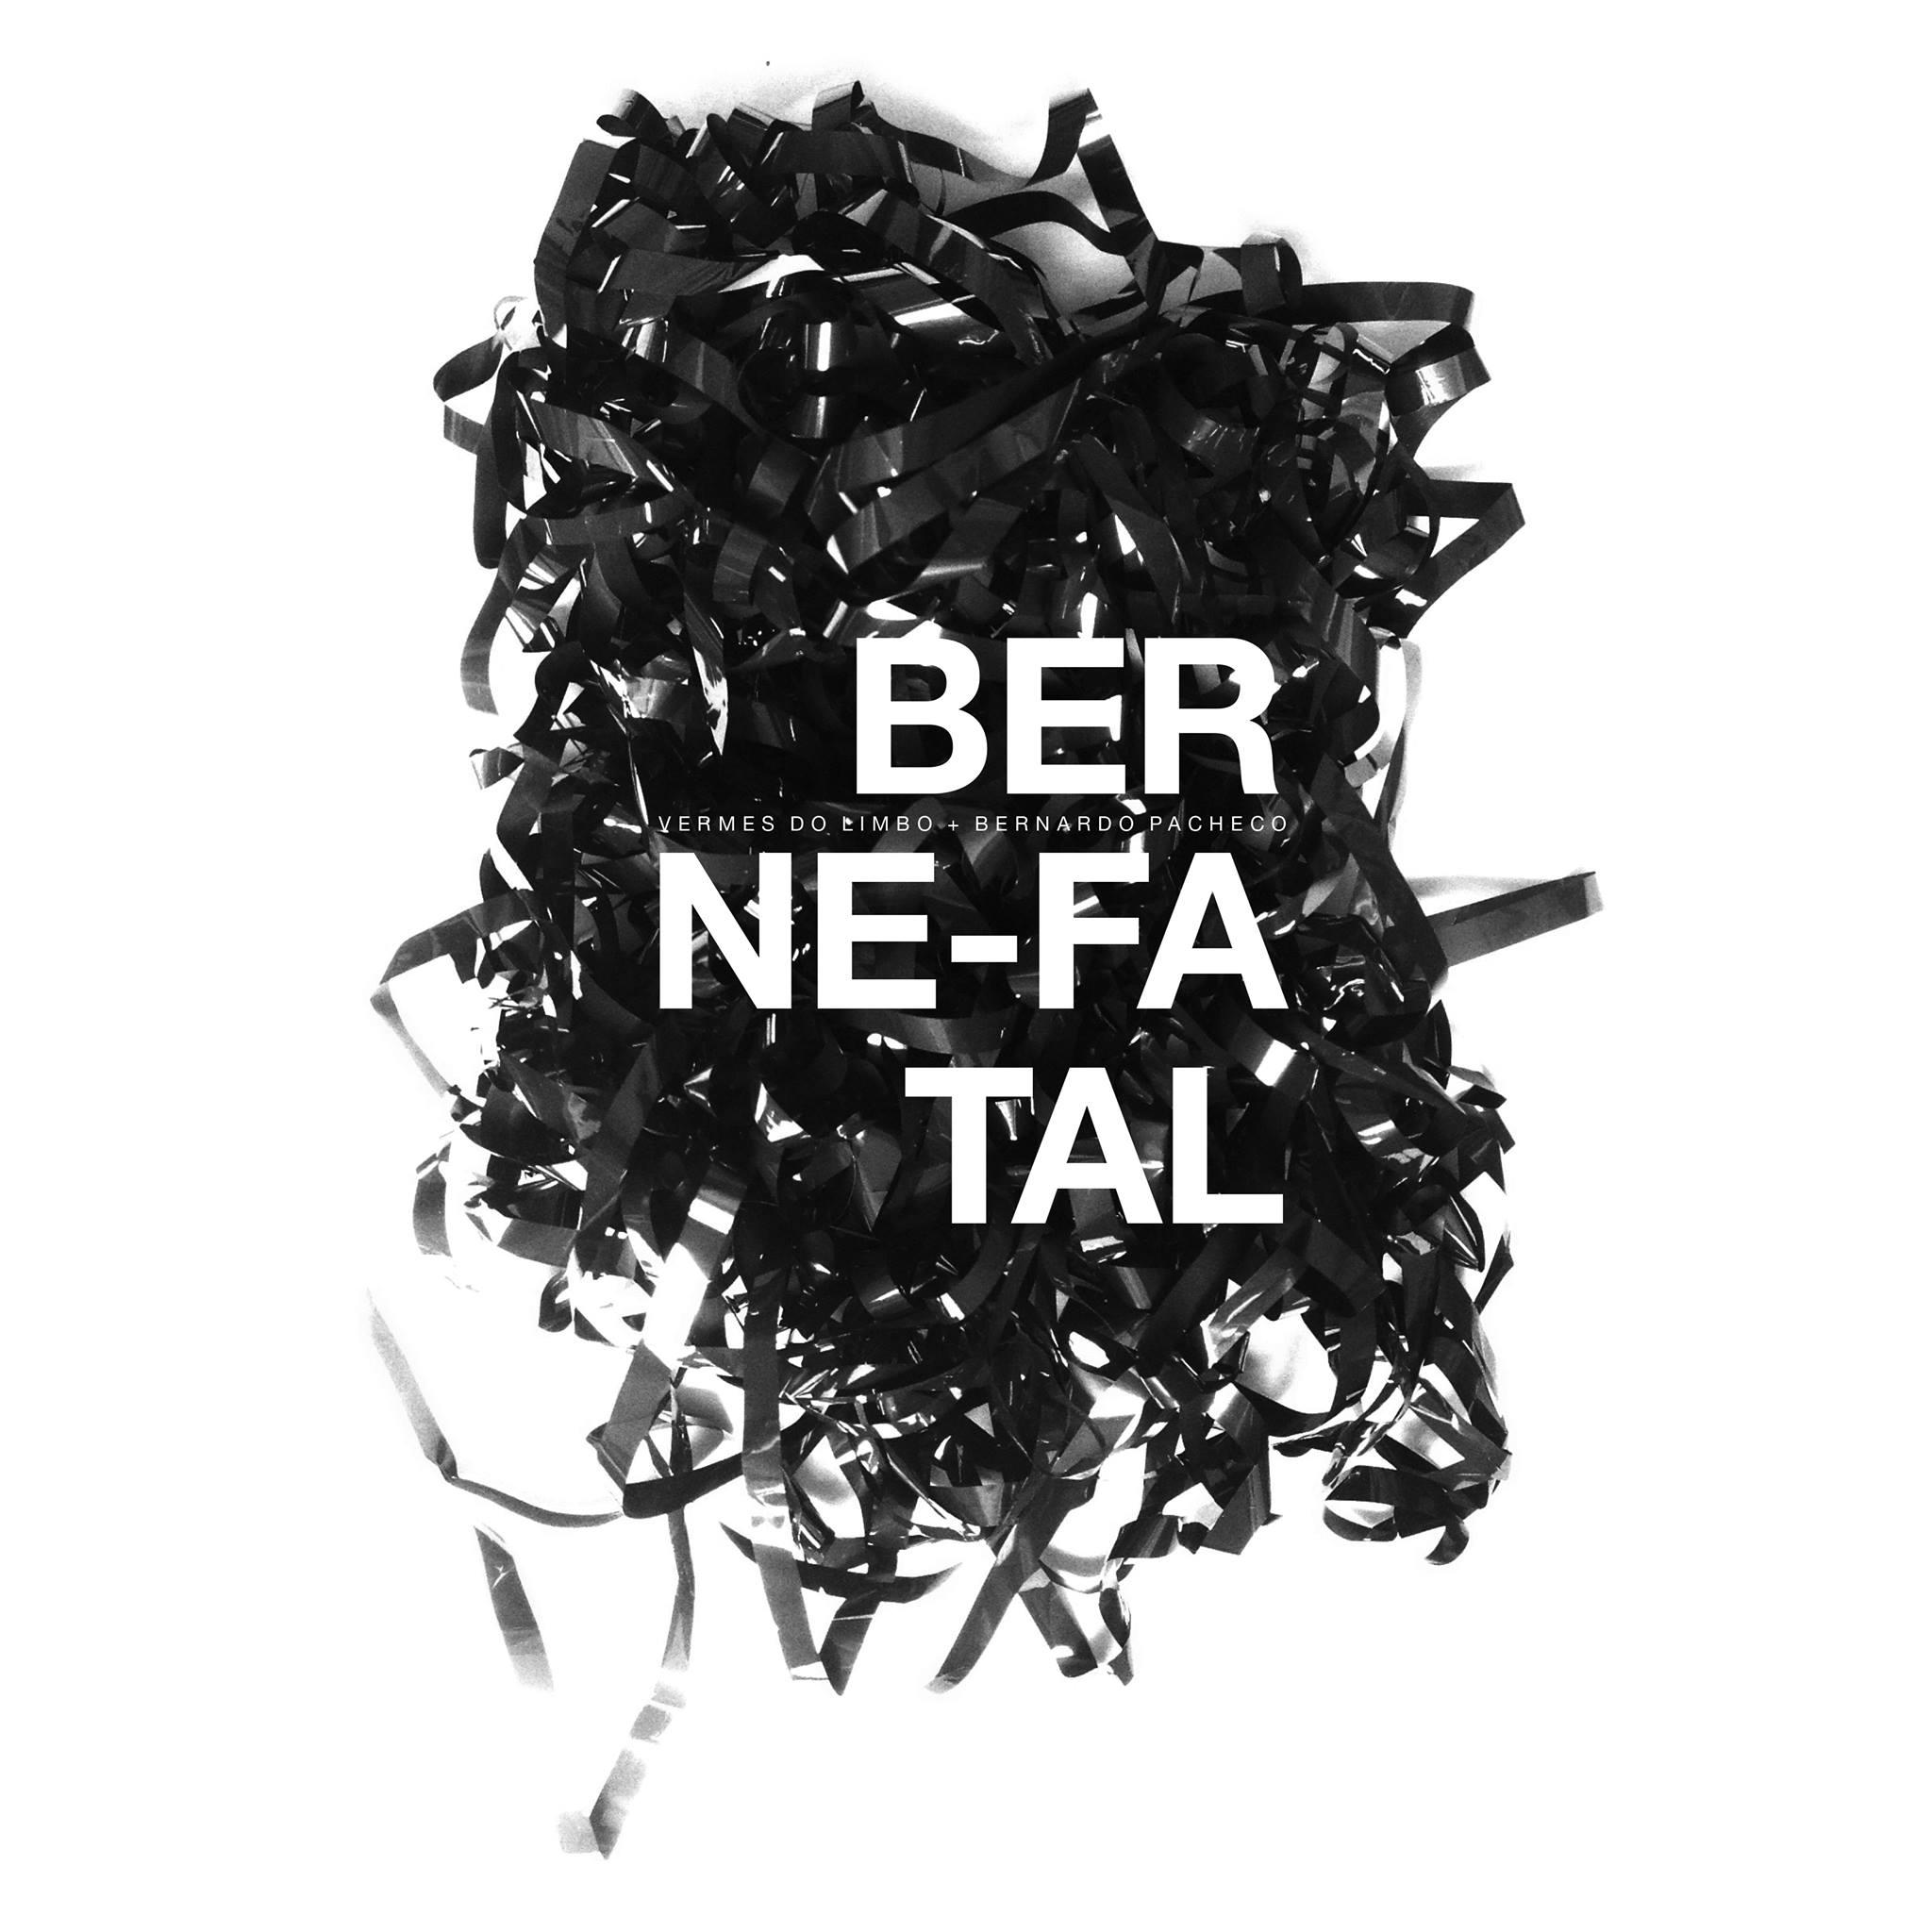 VERMES DO LIMBO + BERNARDO PACHECO – BERNE_FATAL (2017)